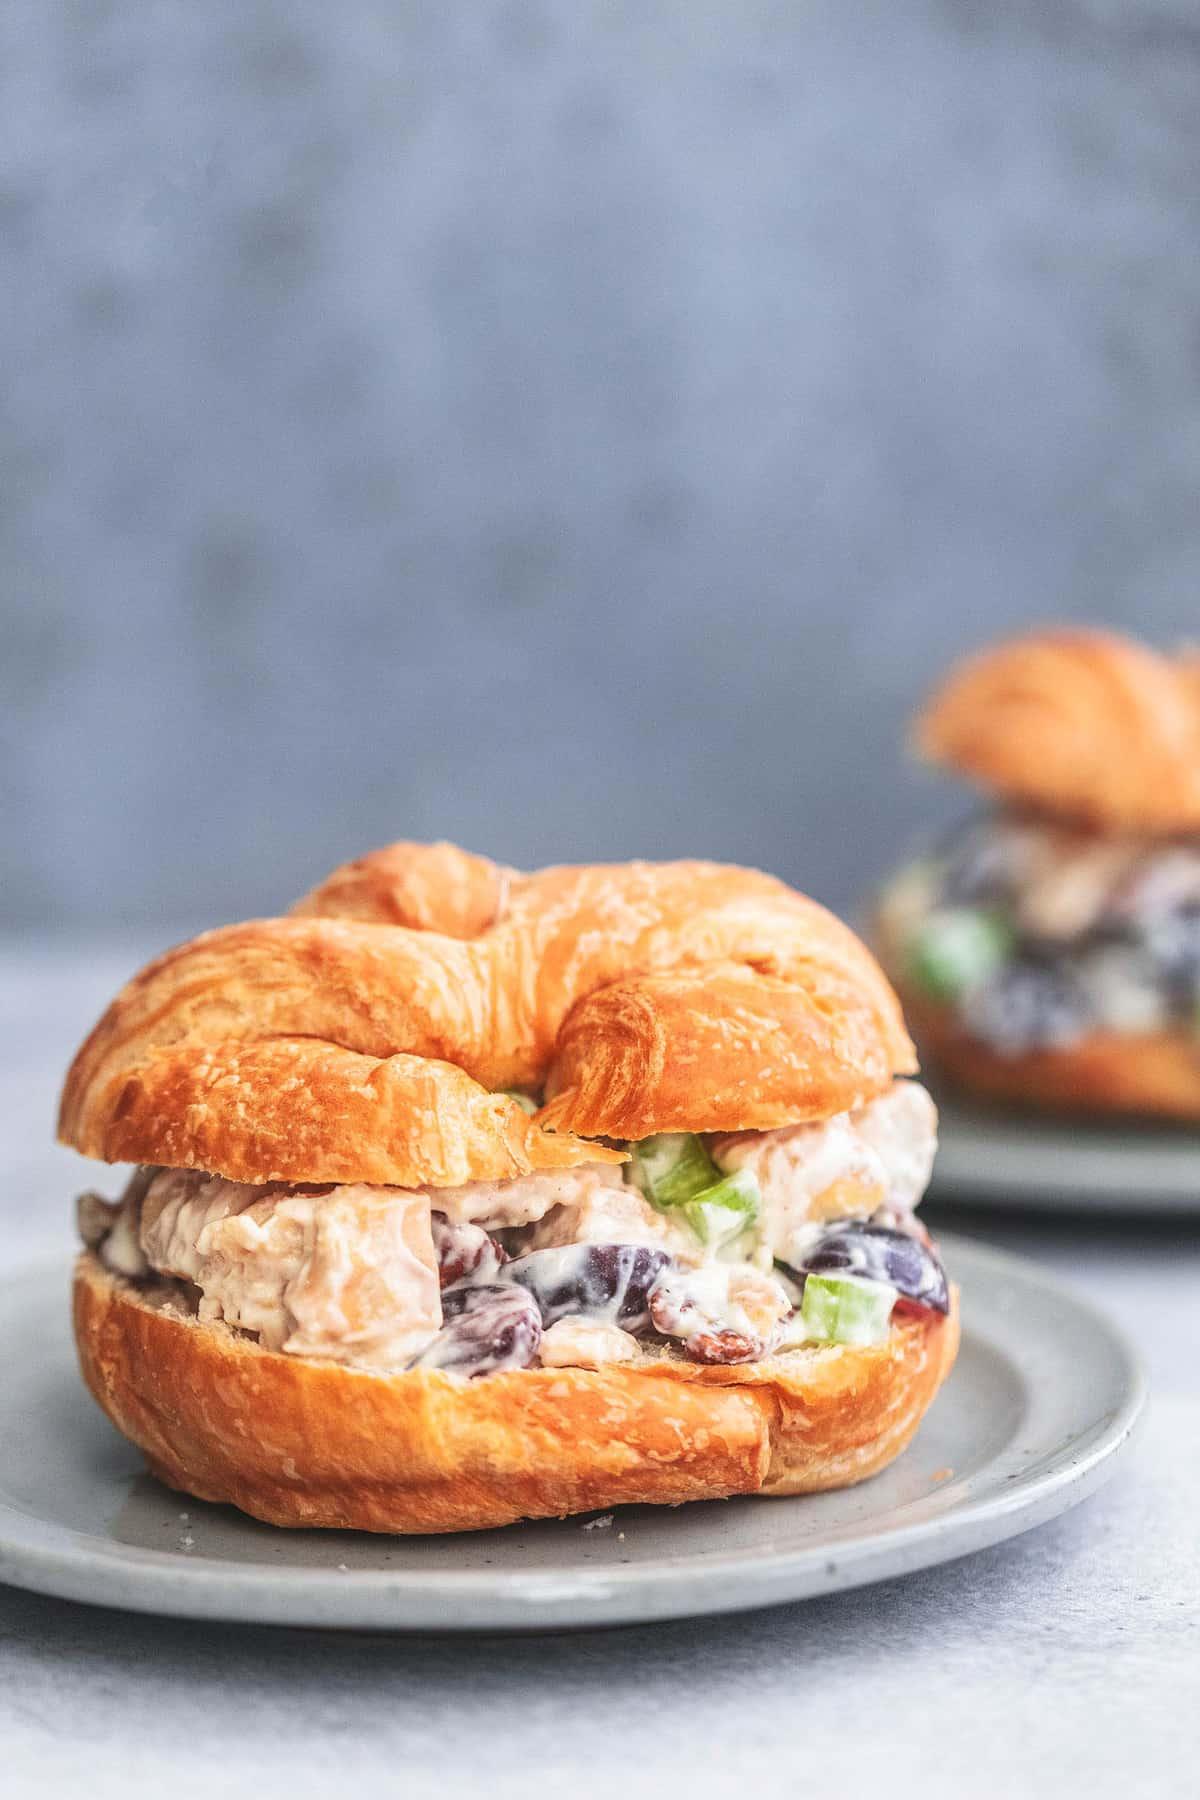 Hühnersalat-Sandwich mit Trauben auf einem Teller